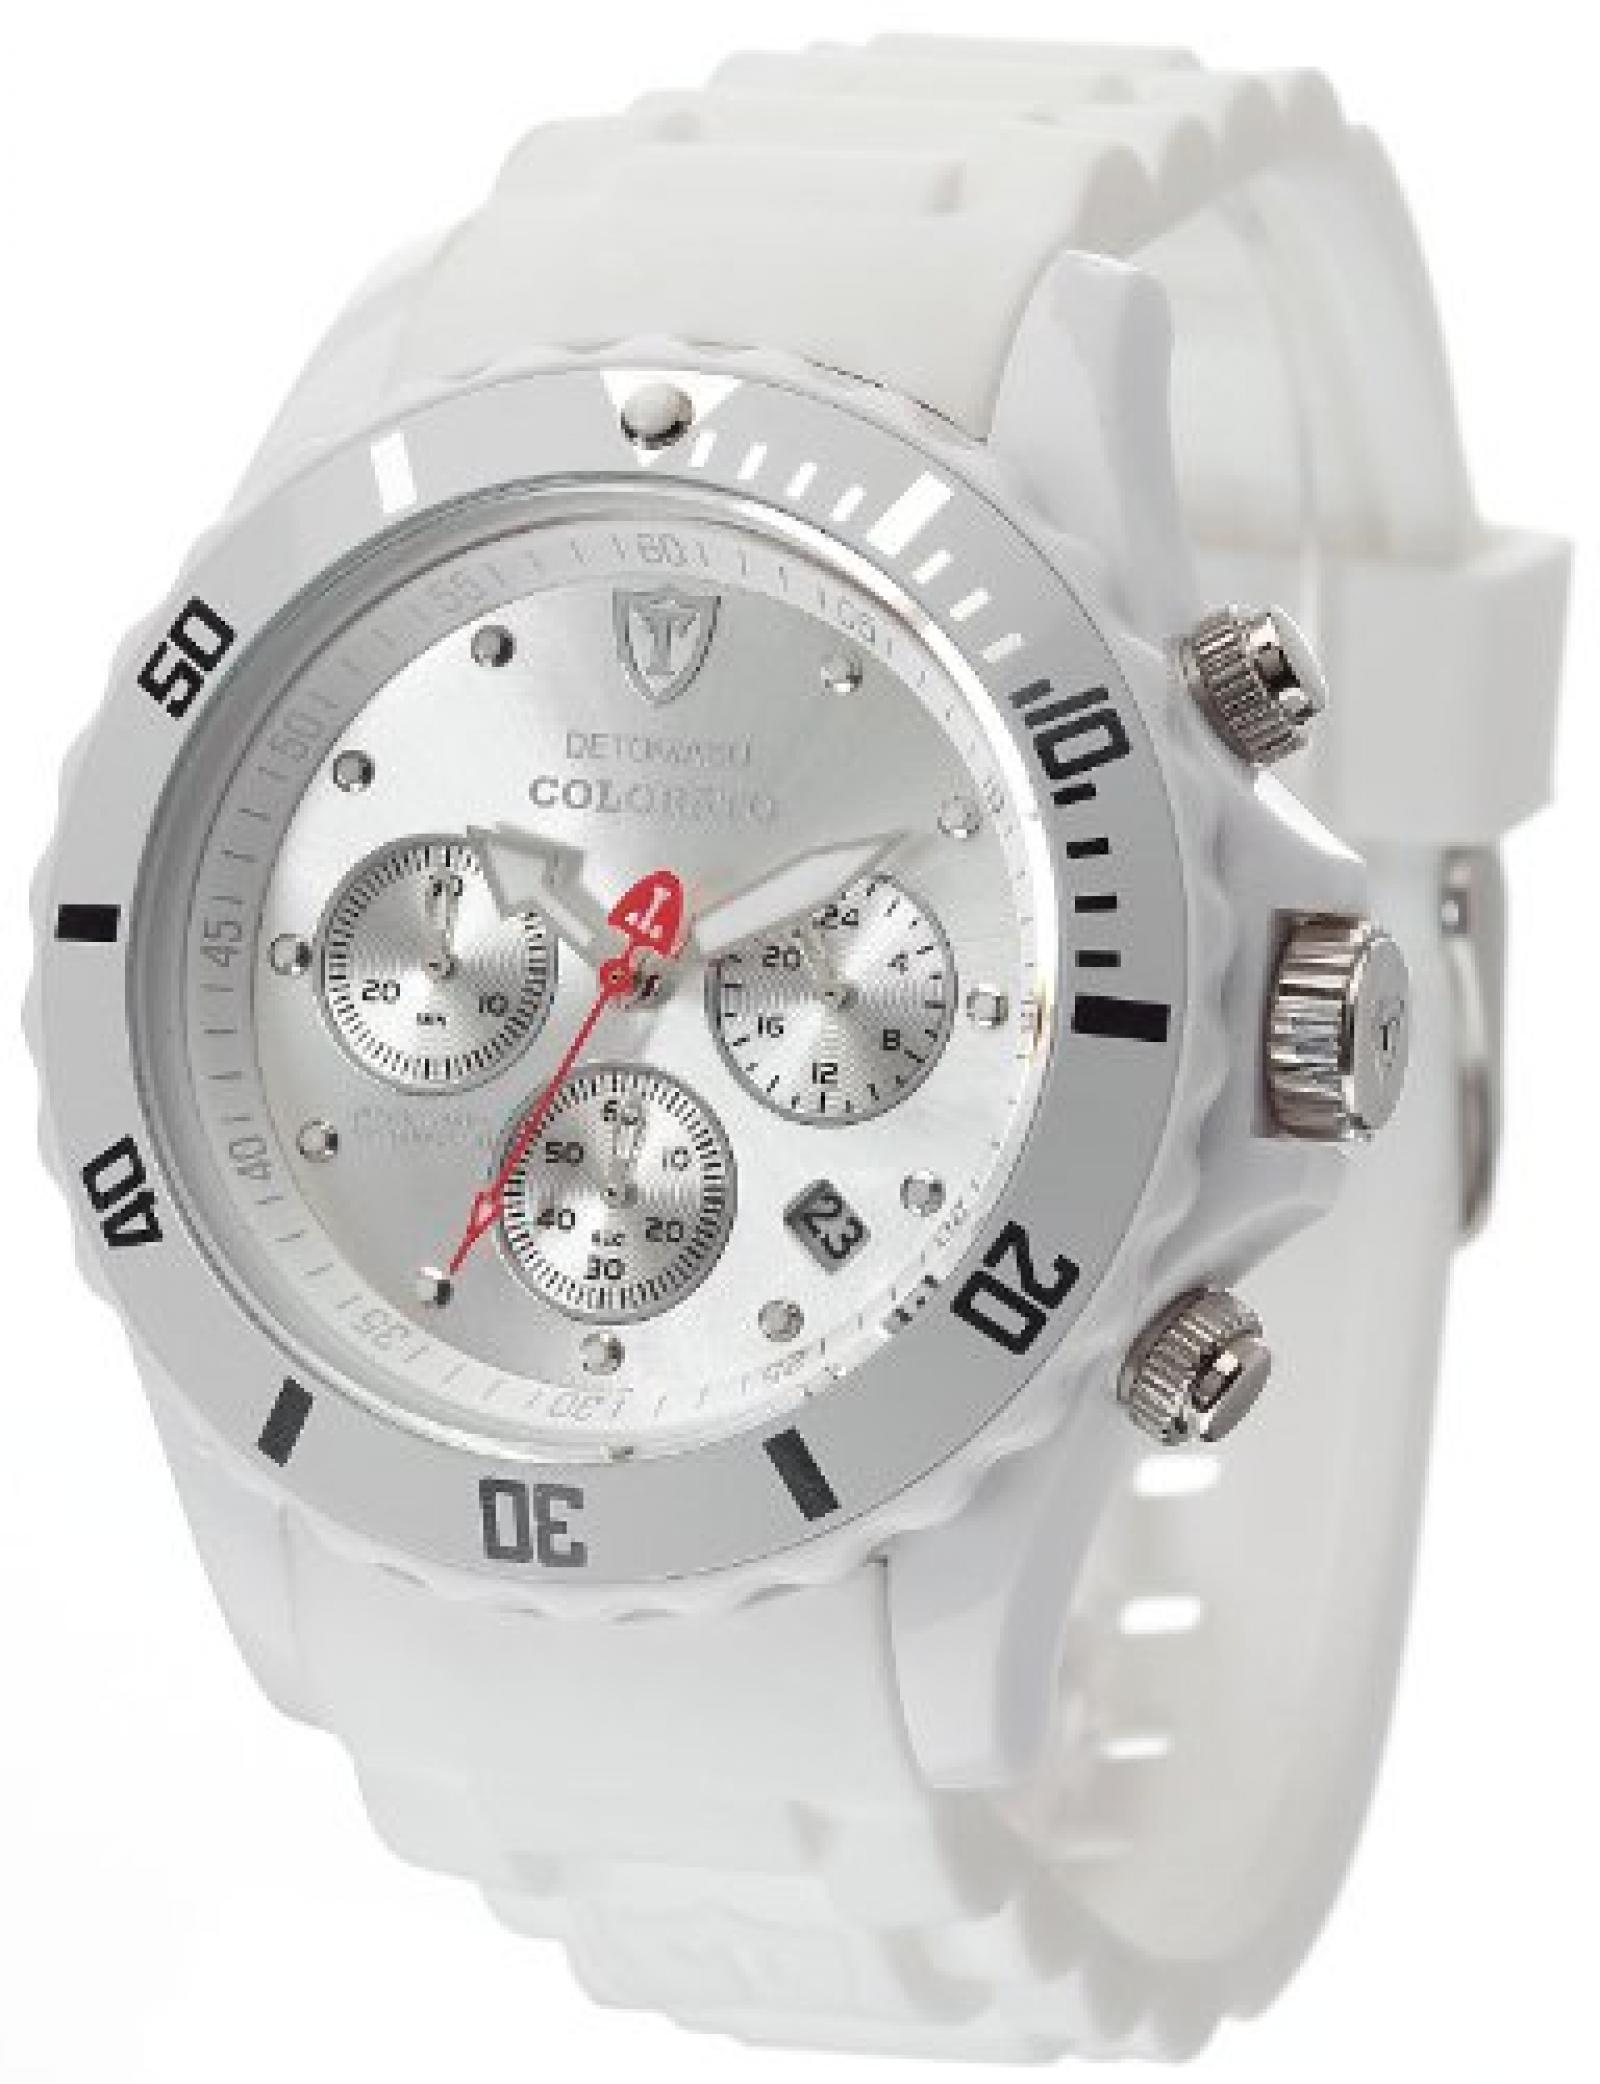 Detomaso Unisex-Armbanduhr COLORATO CHRONO White/White Chronograph Quarz Silikon DT2019-E